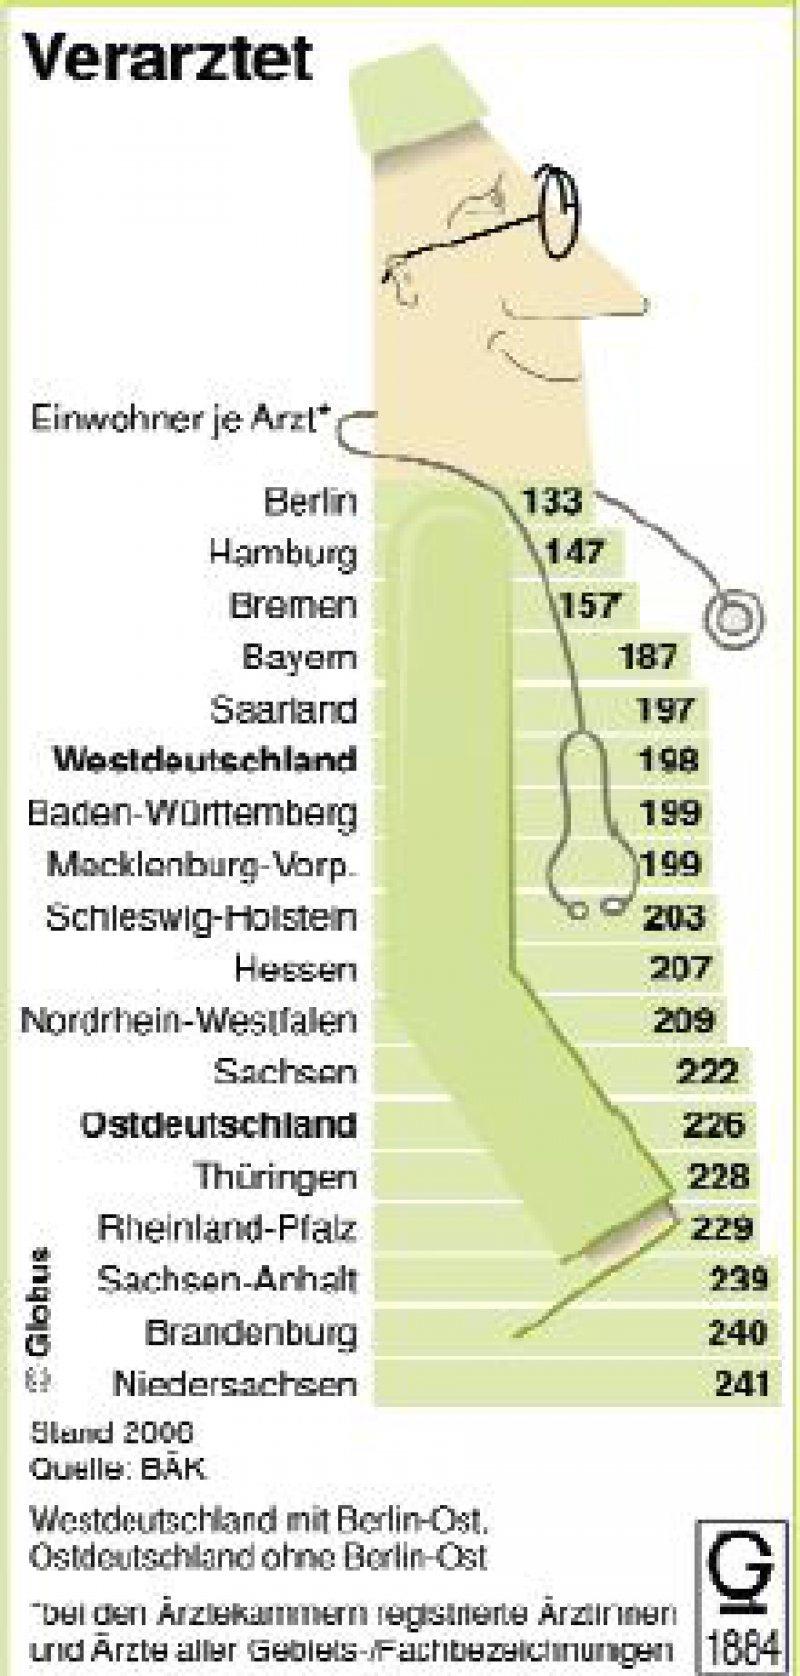 In Deutschland waren im Jahr 2006 rund 407 000 Ärztinnen und Ärzte bei den Ärztekammern registriert, gegenüber dem Jahr 2000 ein Zuwachs von zehn Prozent. In Stadtstaaten wie Berlin oder Hamburg ist die Arztdichte deutlich höher als in Flächenstaaten wie Niedersachsen oder Brandenburg.